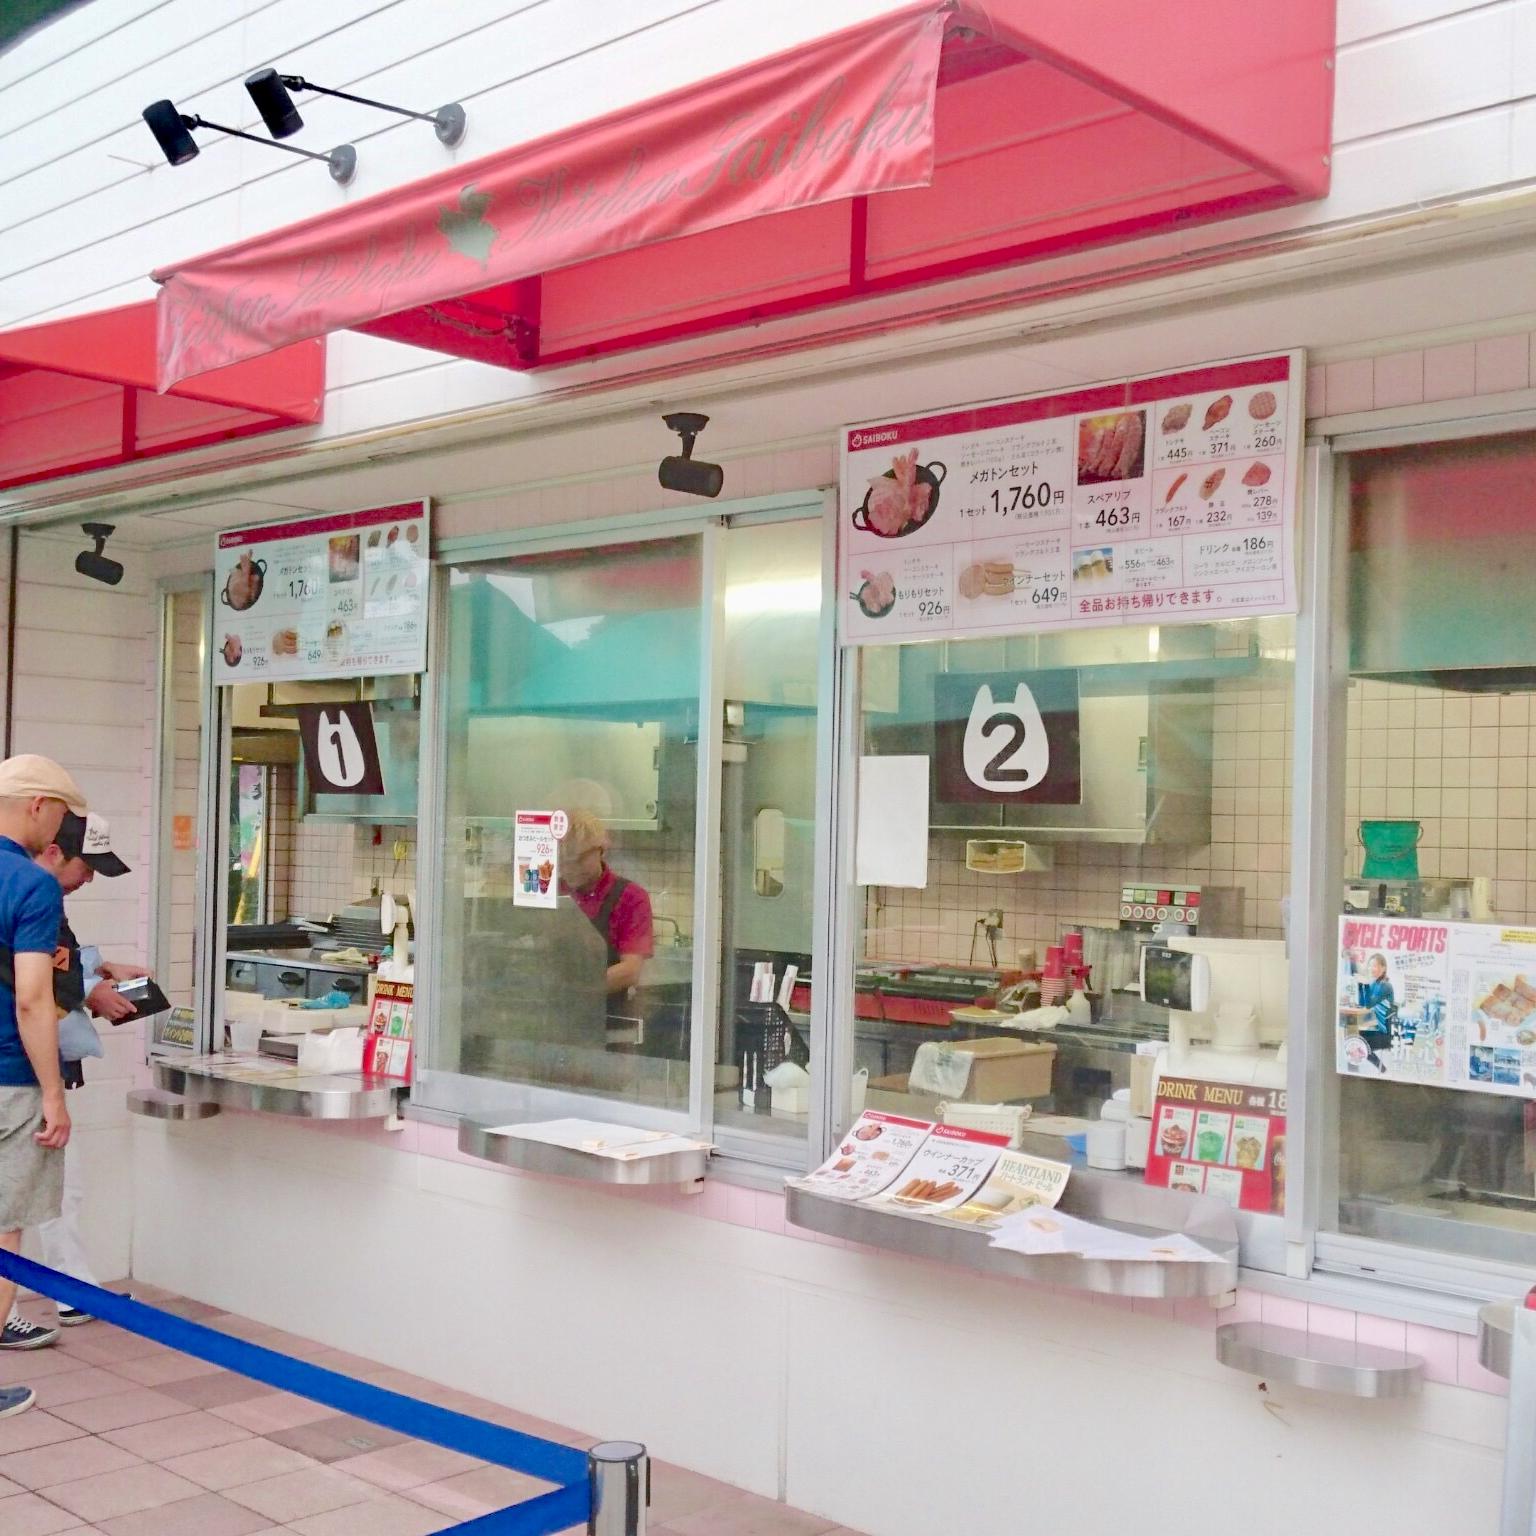 サイボクハム|日高市の間違いないお出かけスポット!安くお得に食べるならレストランより自宅調理がおすすめ!